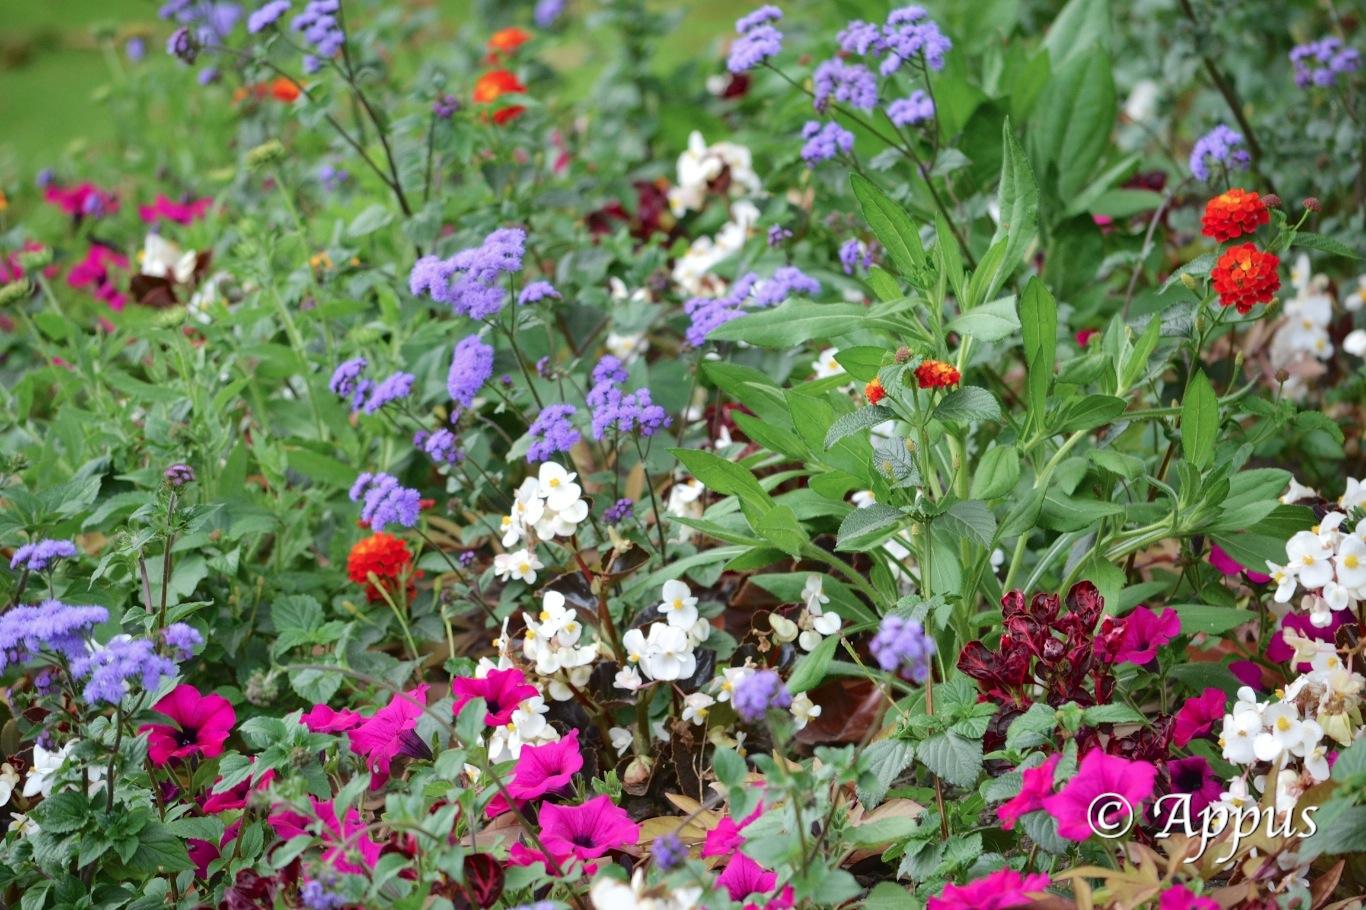 Fleurs nantaises appus photos for Jardin des plantes nantes de nuit